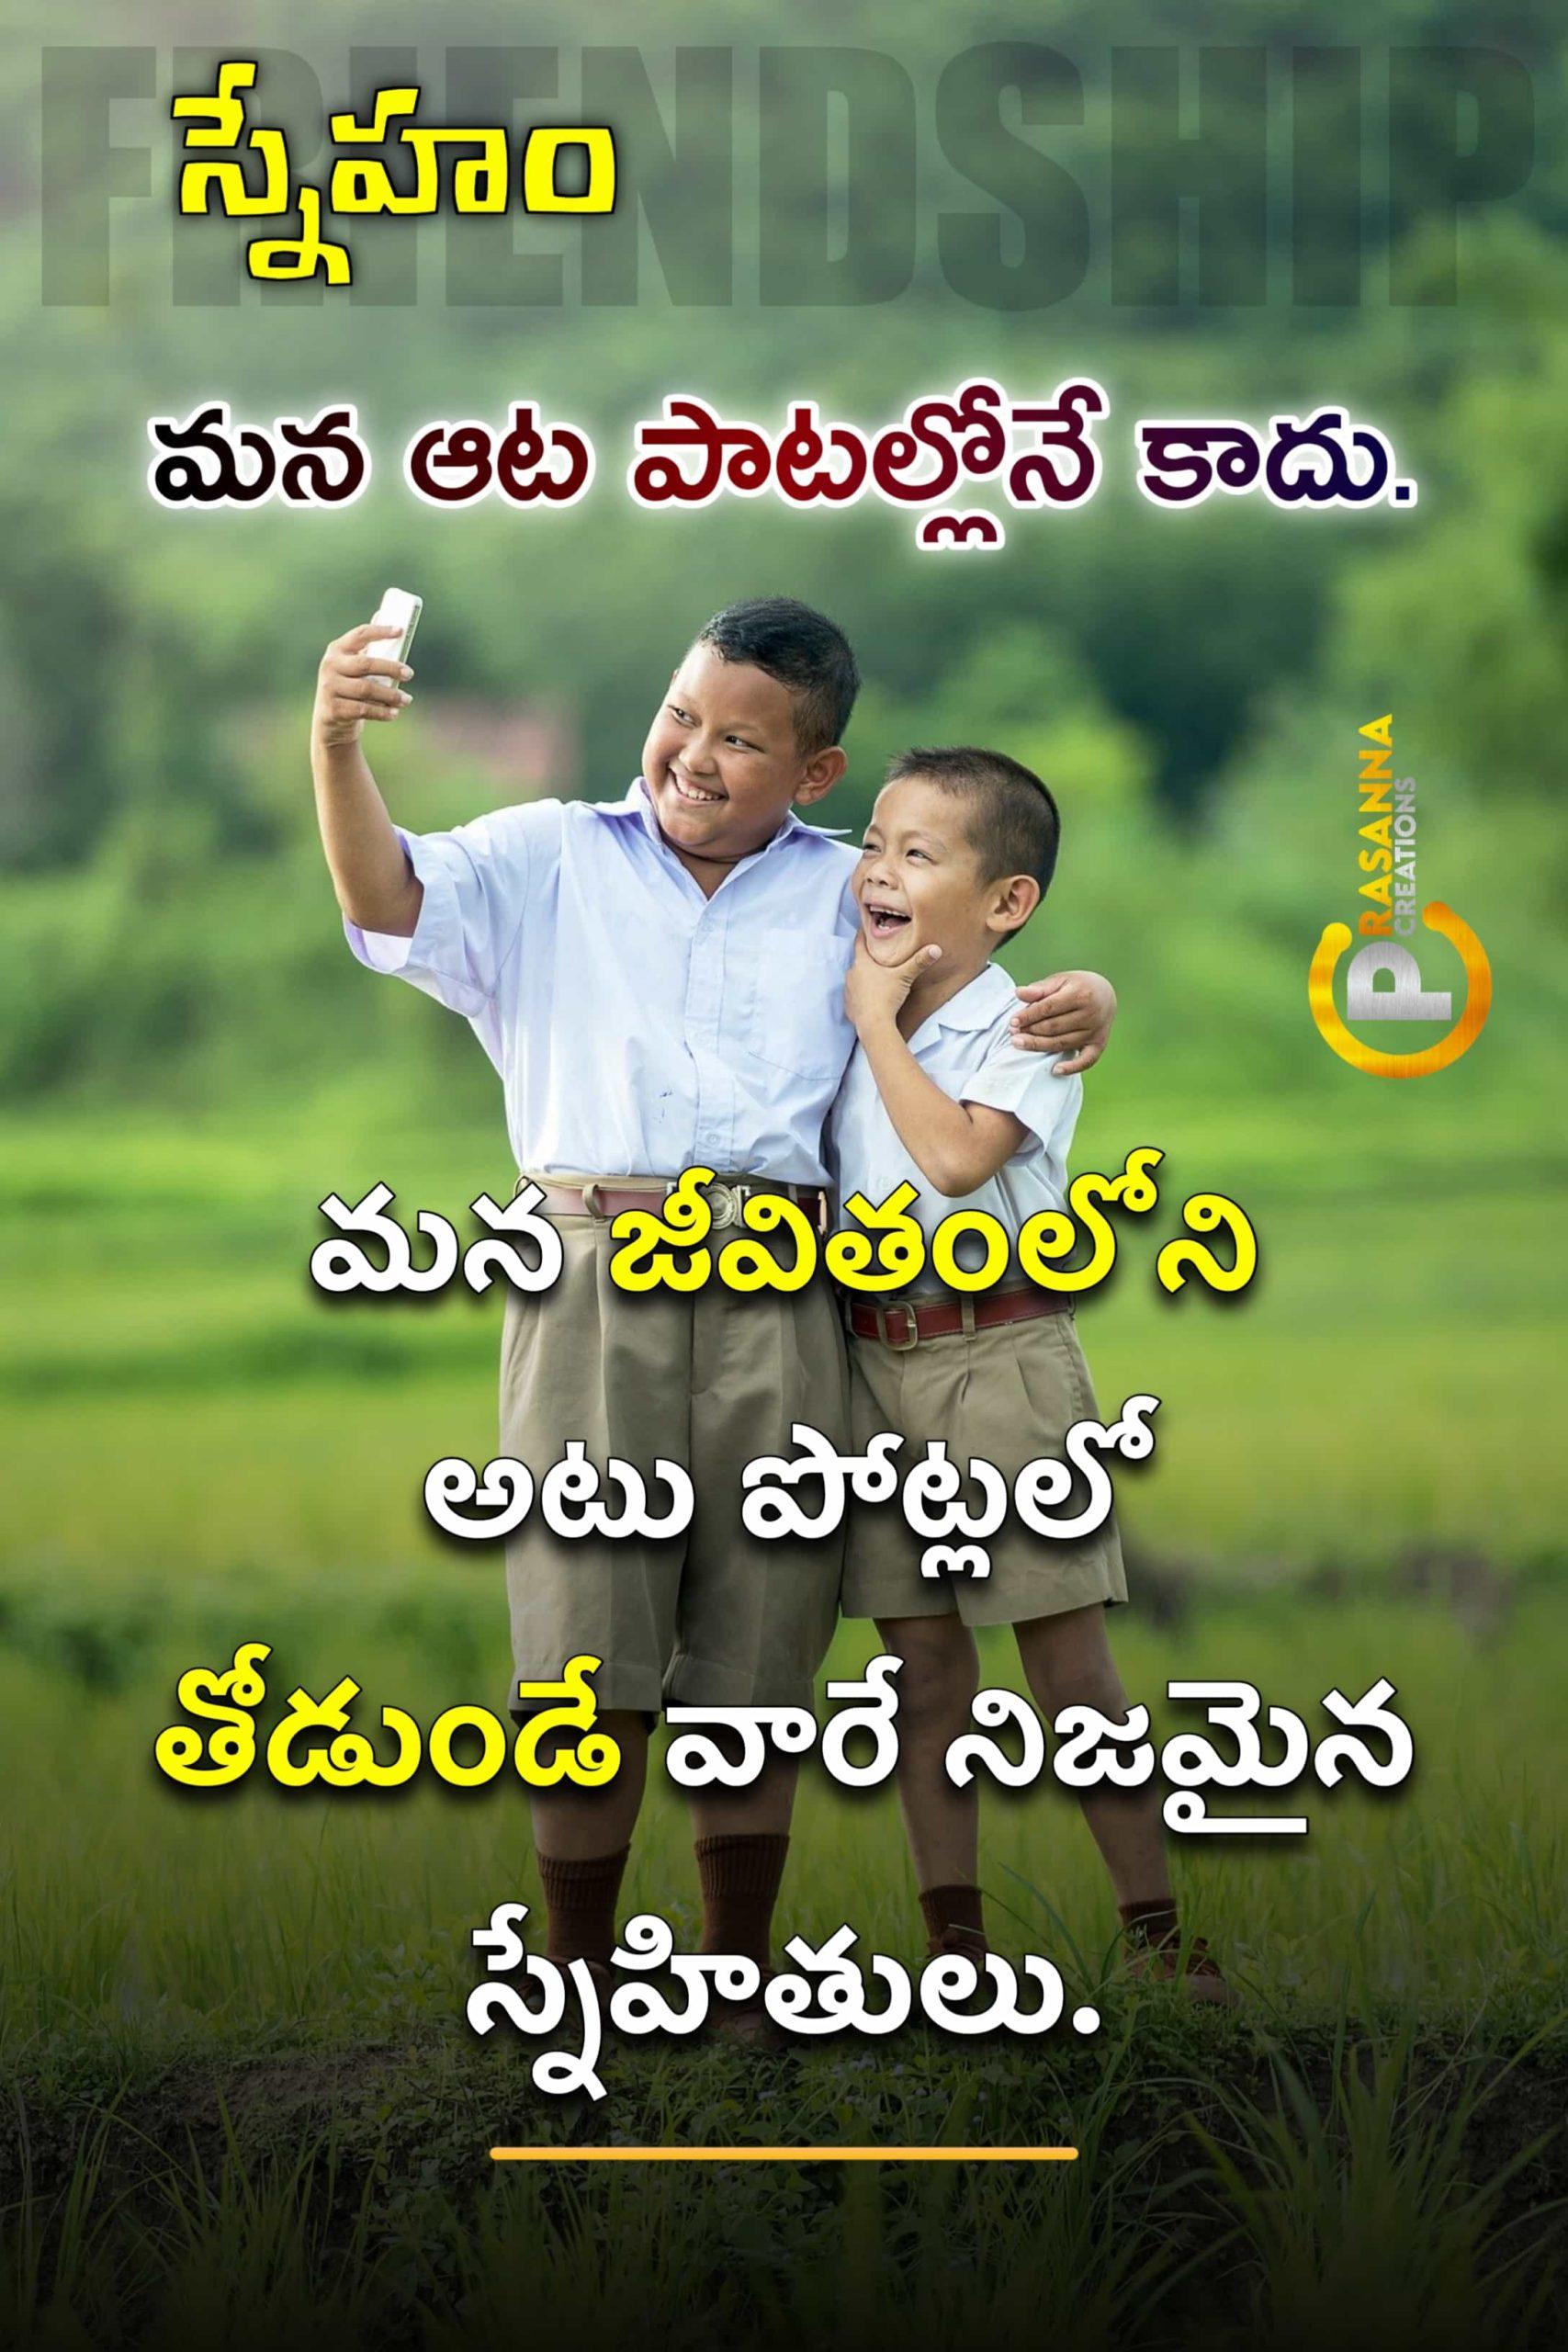 Telugu Friendship Quotes